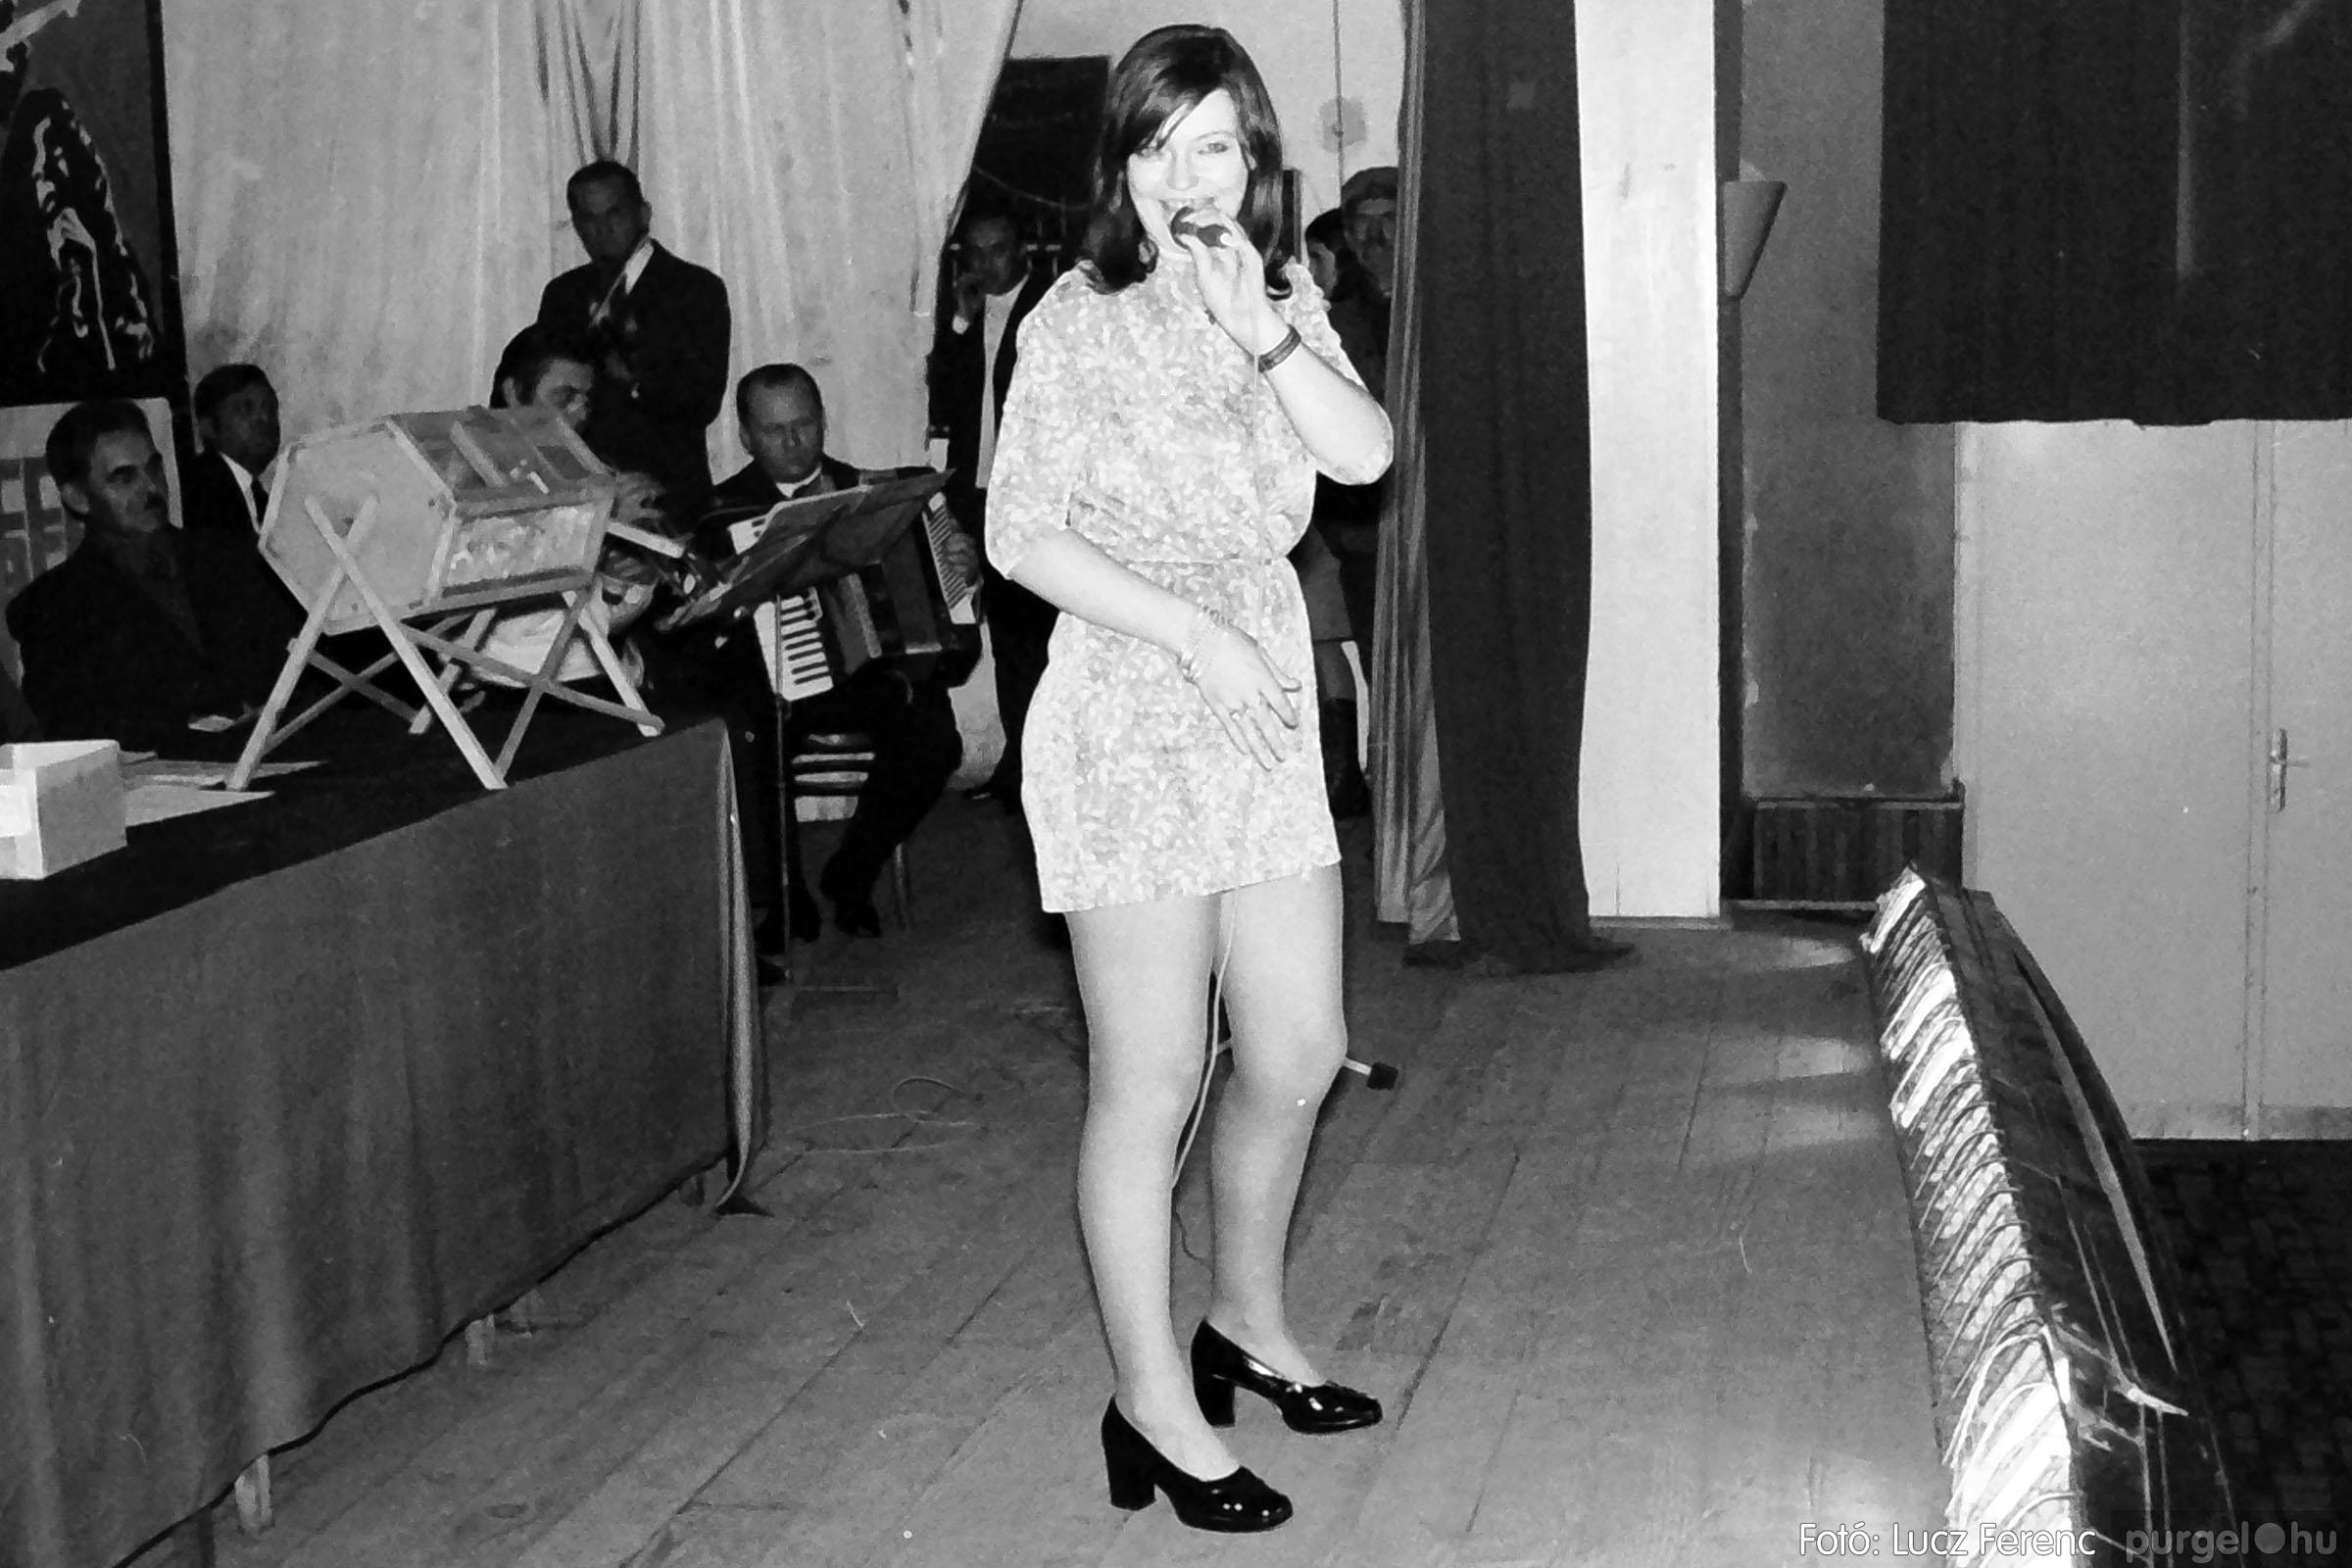 004B 1970-es évek - Sorsolás 005 - Fotó: Lucz Ferenc IMG00069q.jpg